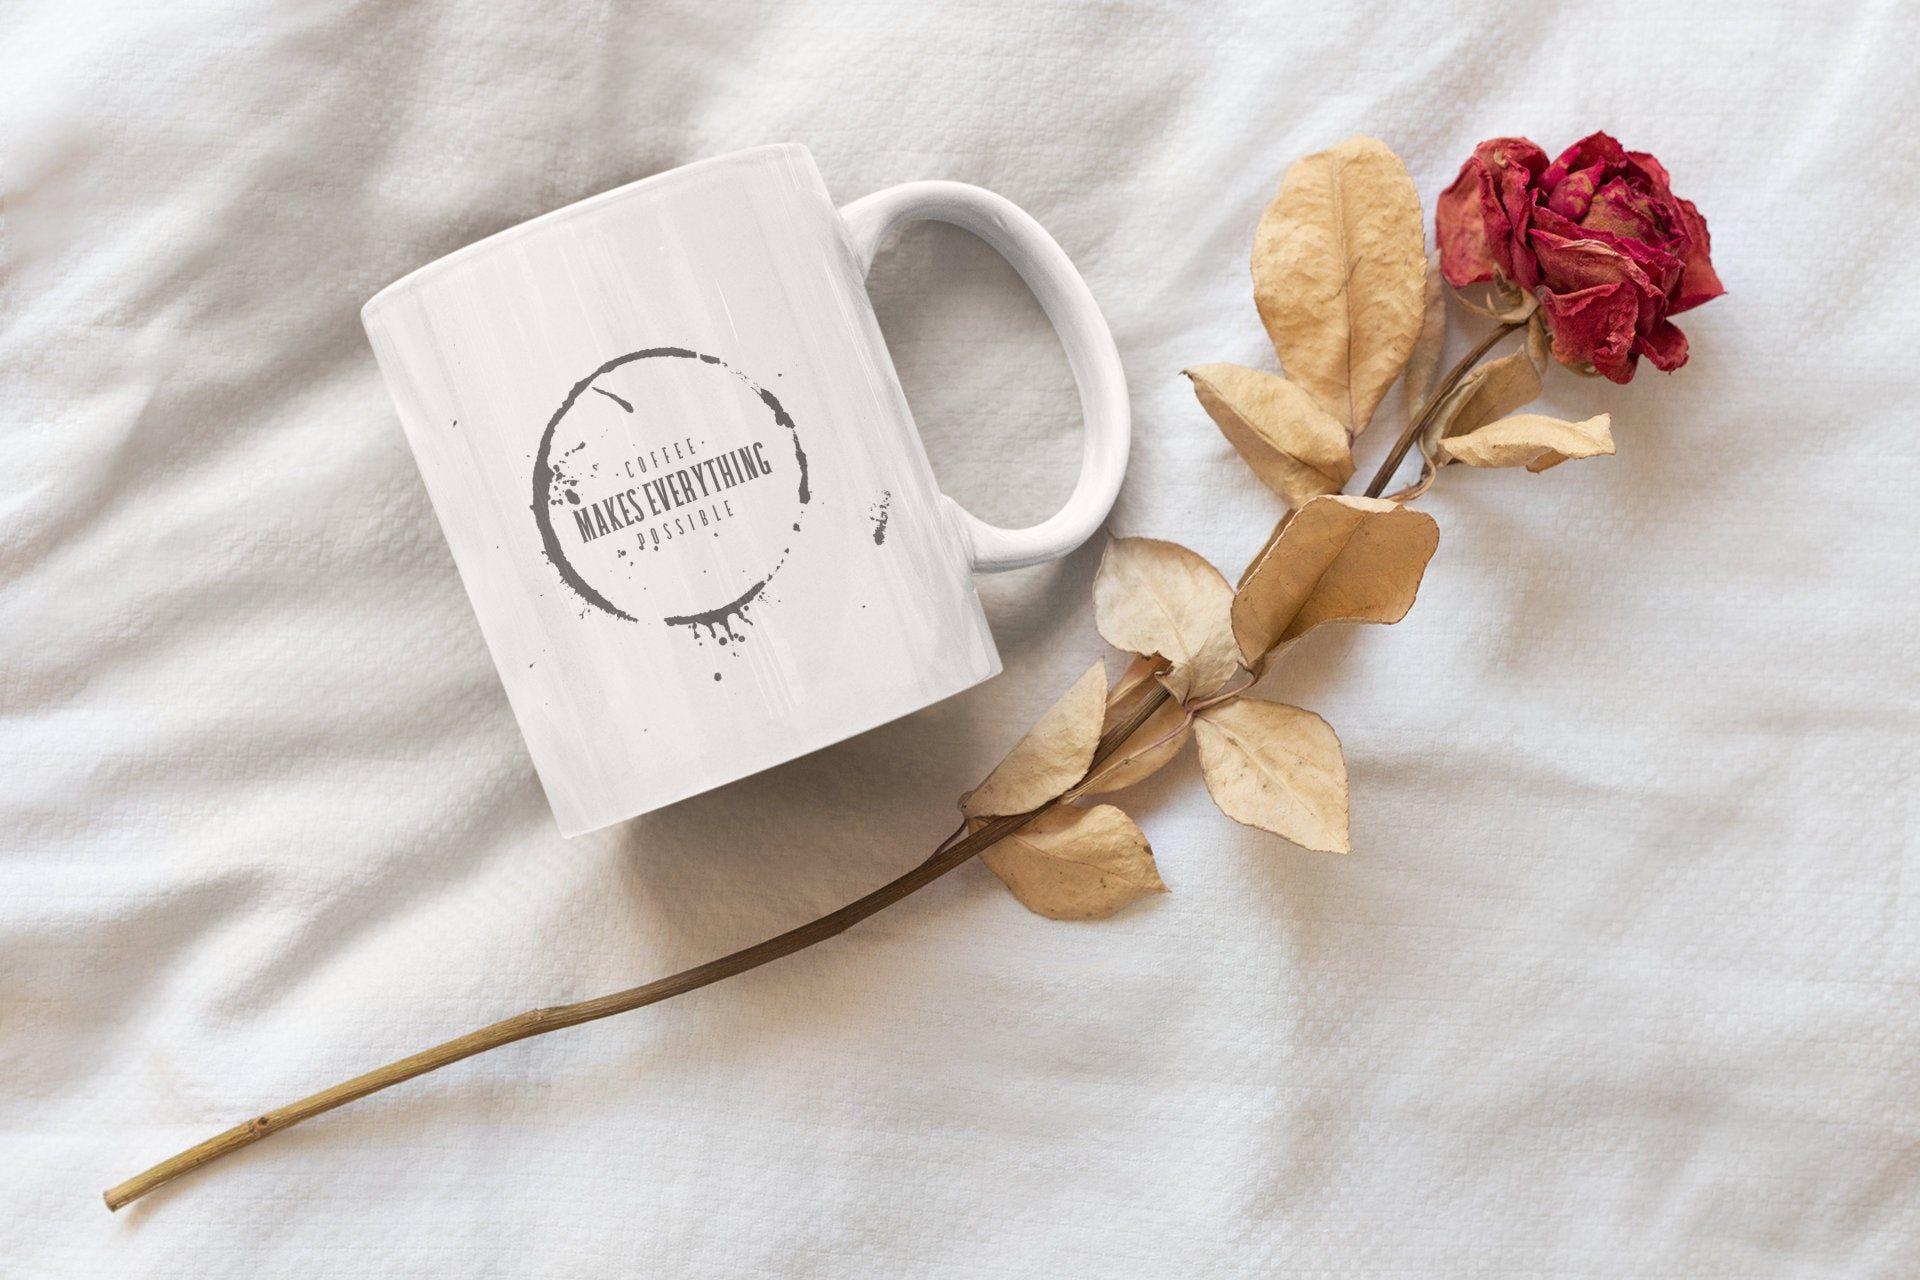 PrettyLittleCoffeeMug Black, Coffee Mug with Print, Tea Cup, Coffee Cup, Black Quote Coffee Mug